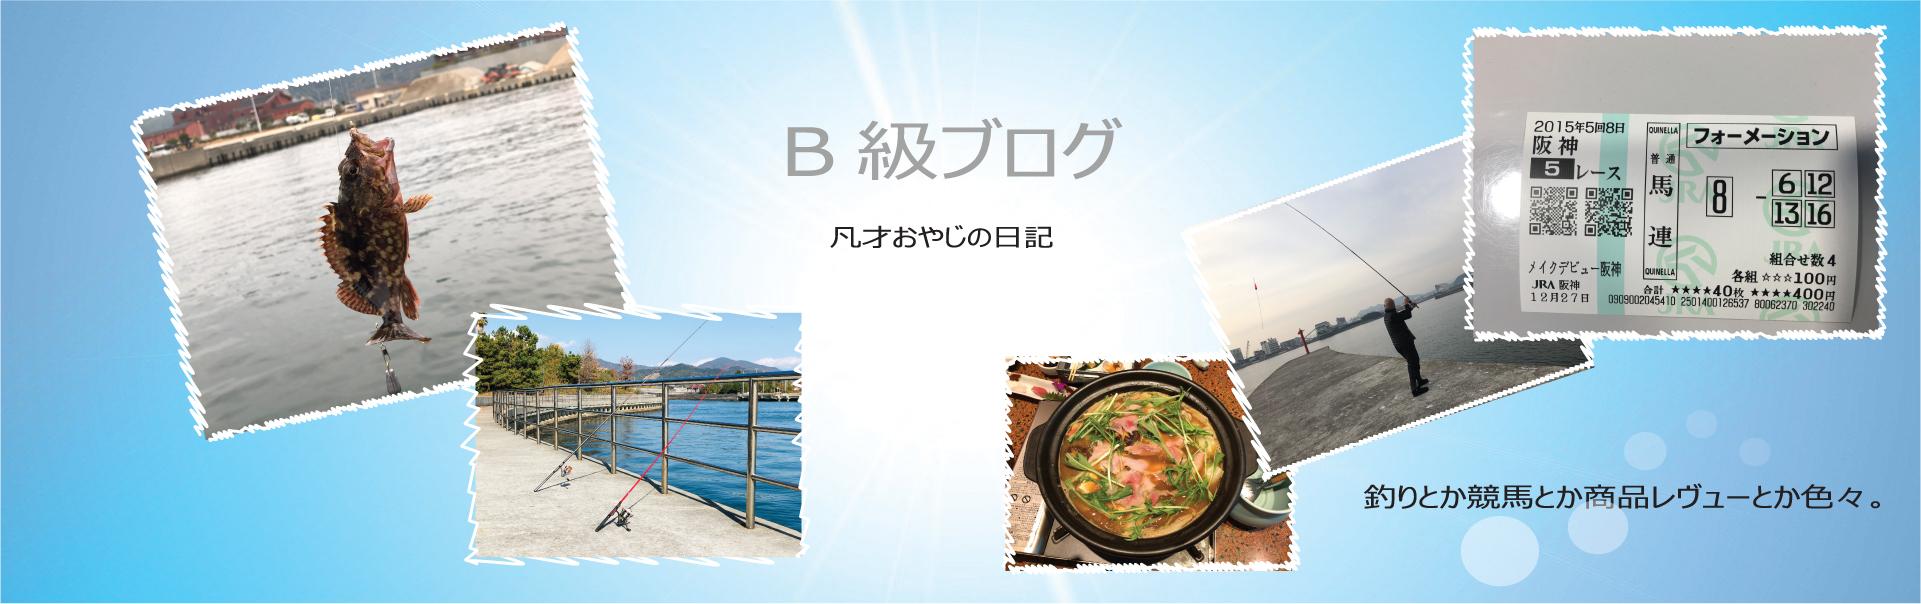 凡才おやじの日記~B級ブログ~ヘッダー画像